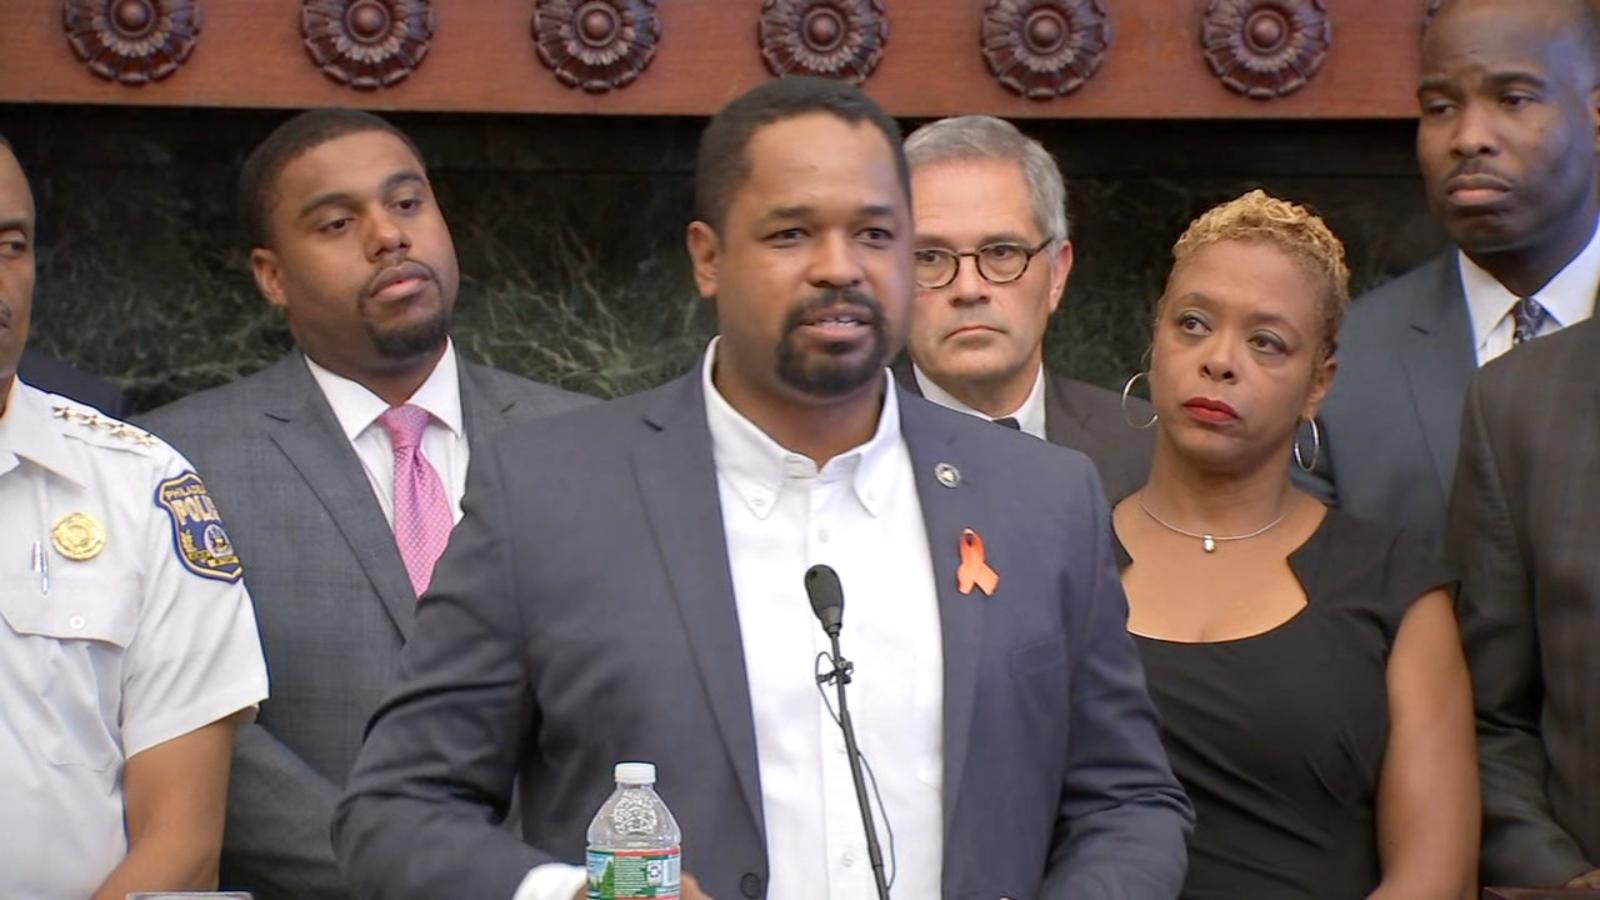 Pennsylvania politicians call for gun control in wake of Philadelphia shooting